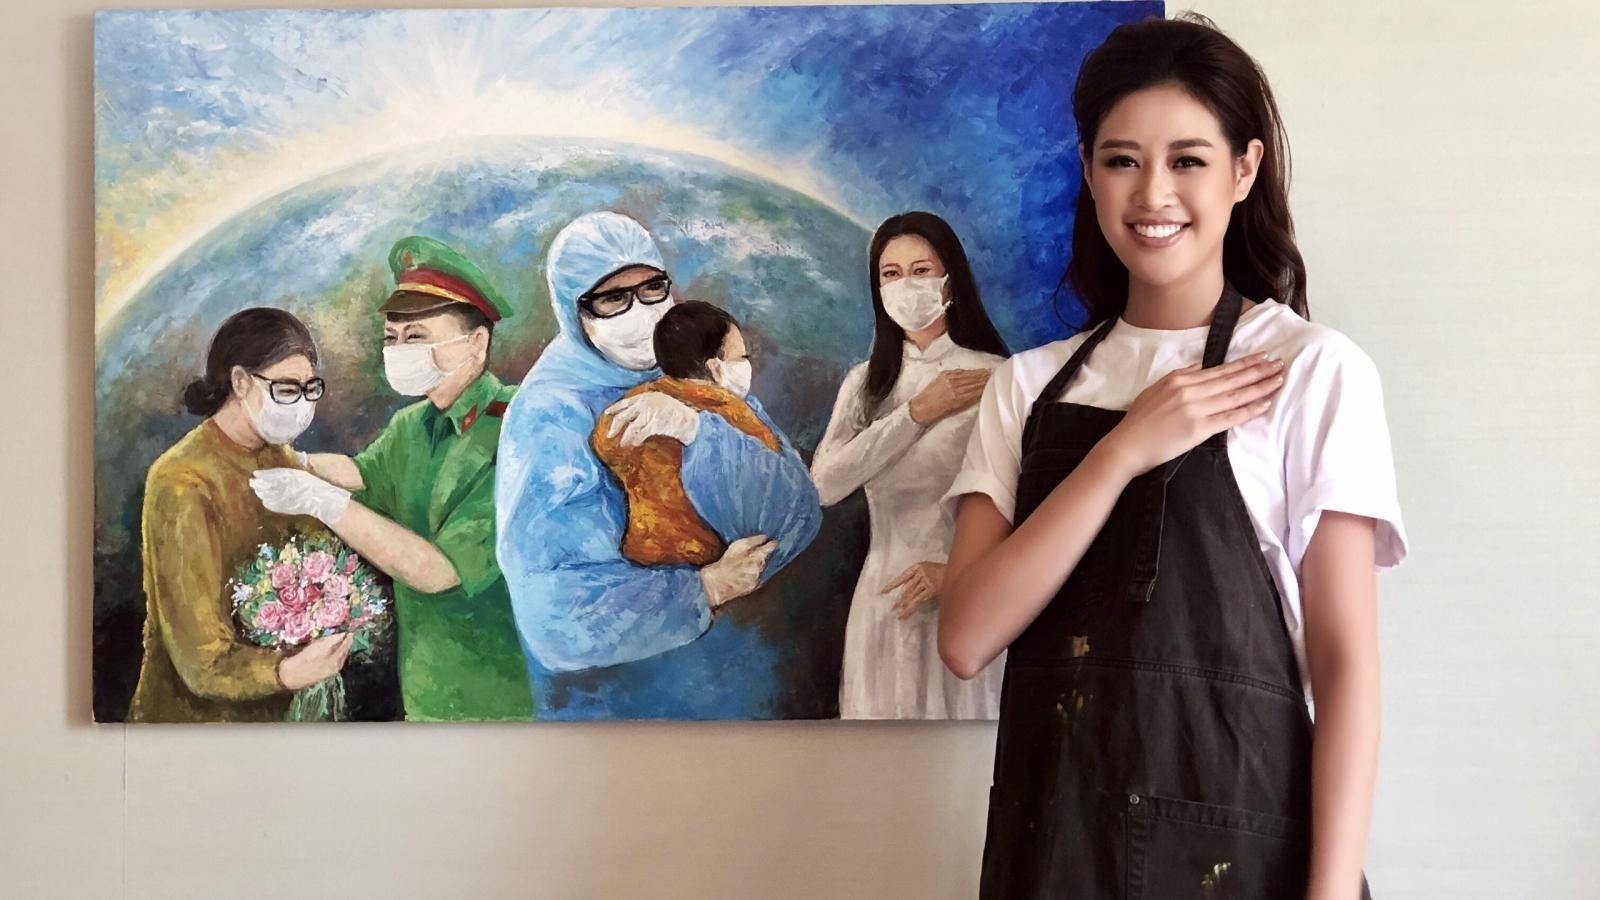 """Hoa hậu Khánh Vân và ba vẽ bức tranh """"Những trái tim yêu thương"""""""